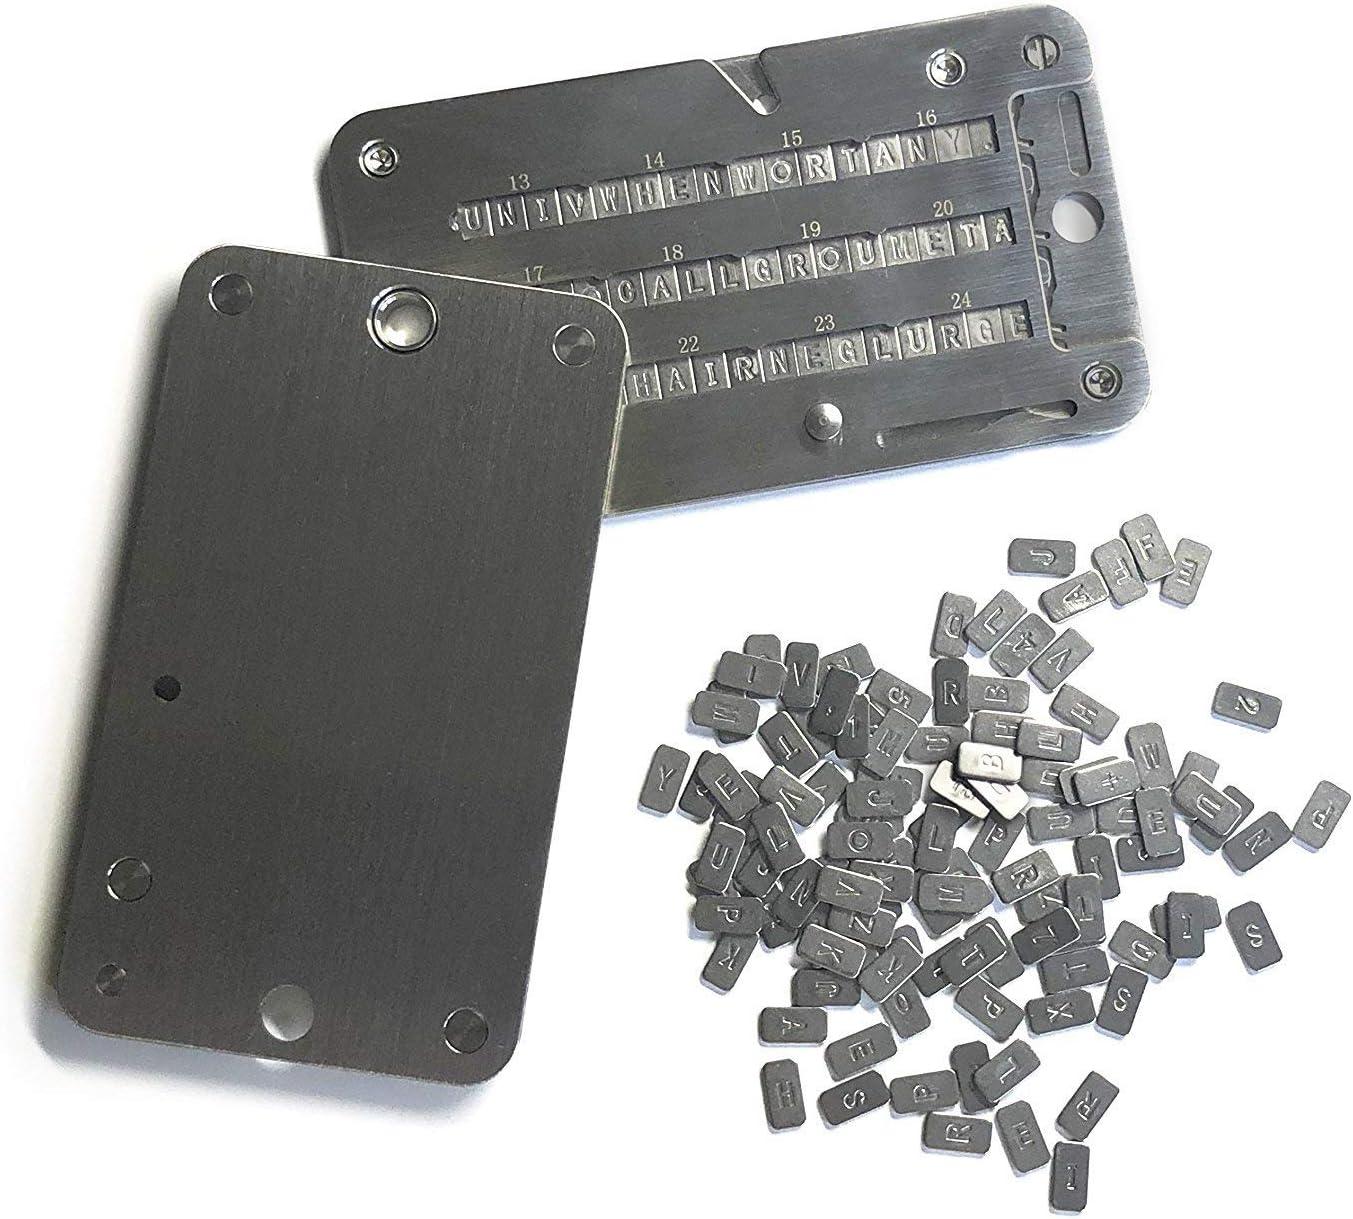 Trezor e KeepKey portafoglio Cryptovaluta indistruttibile compatibile con Ledger Nano S portafoglio in acciaio